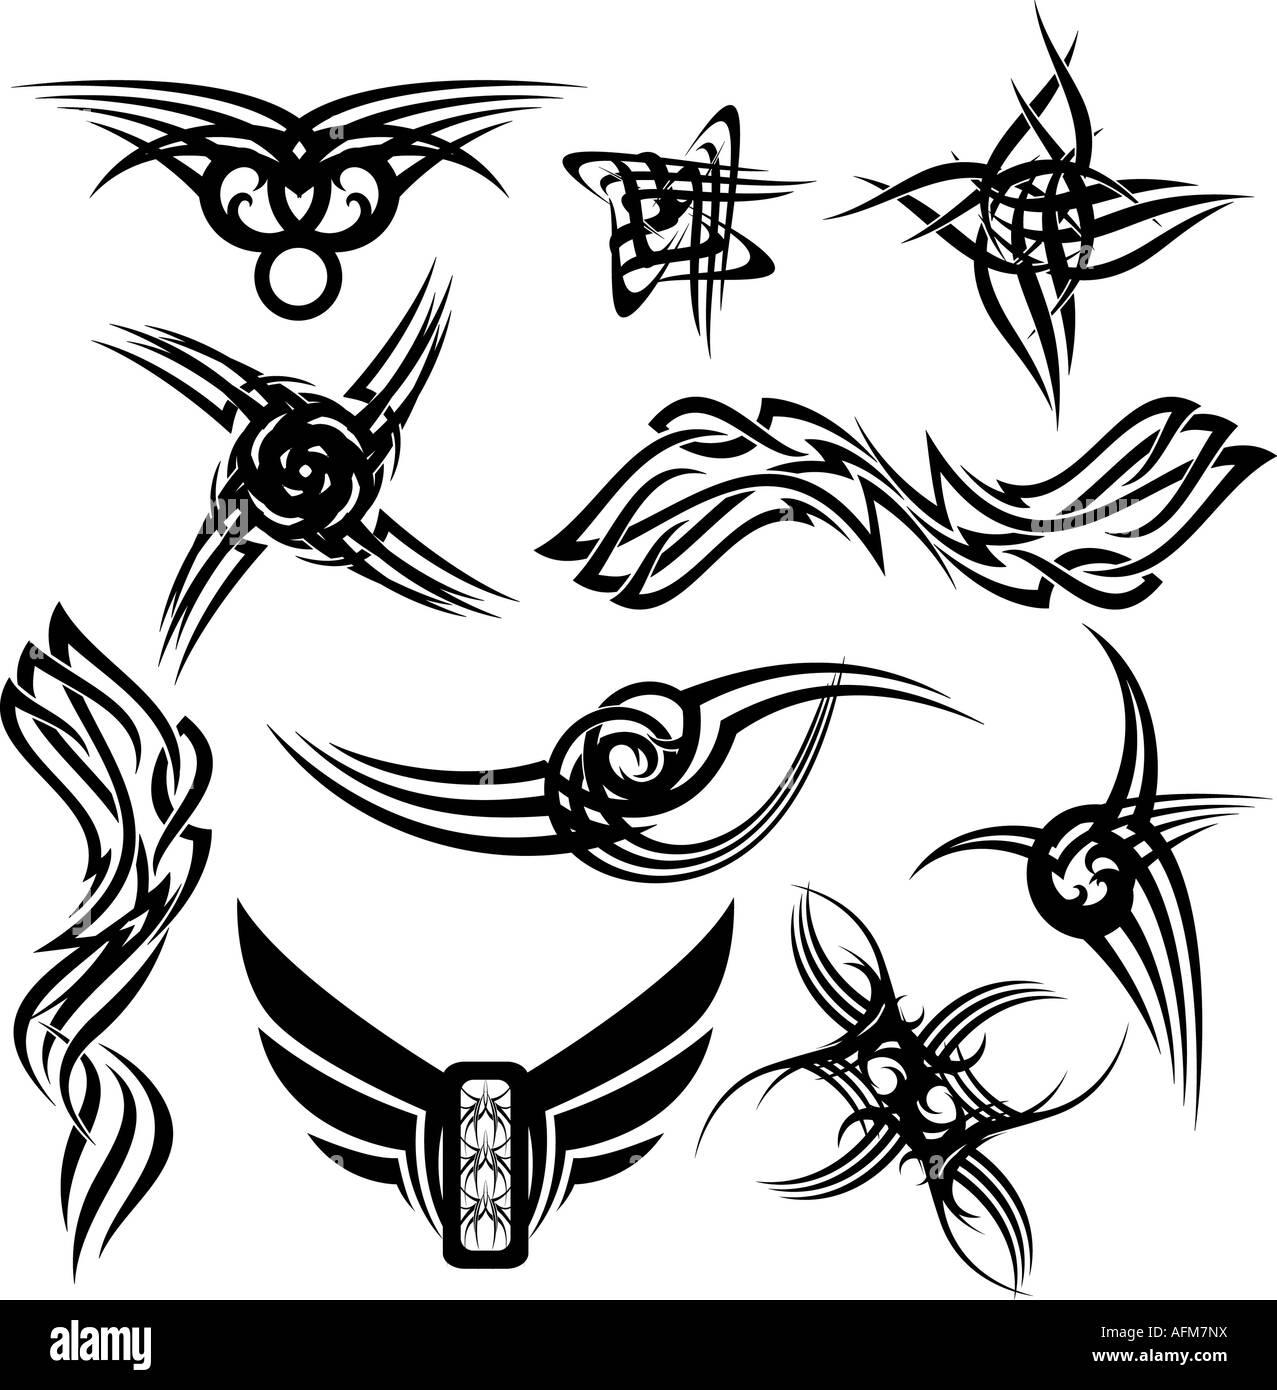 Tatuajes Góticos Ilustrado Con Numerosas Variaciones Todo Negro